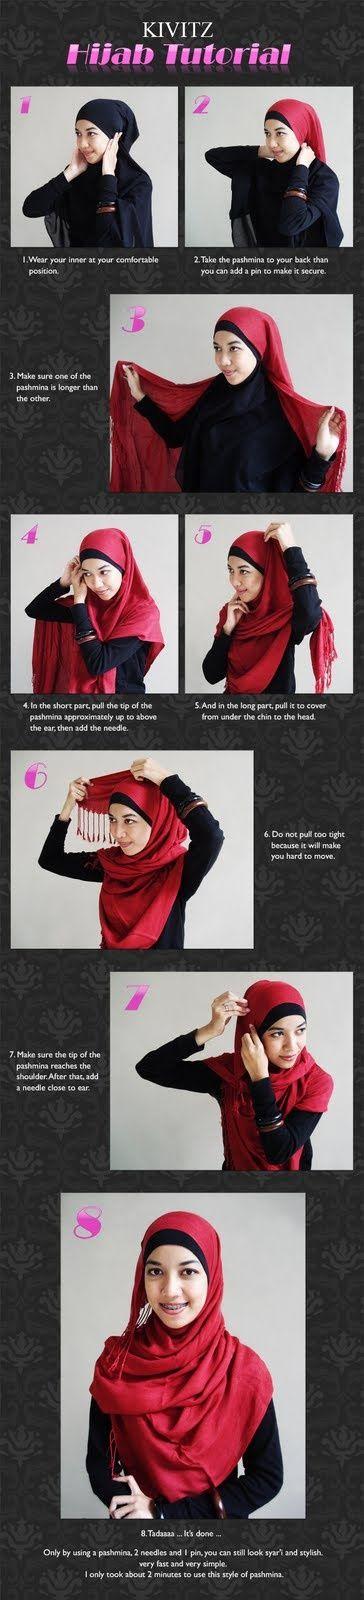 Kivitz hijab tutorial